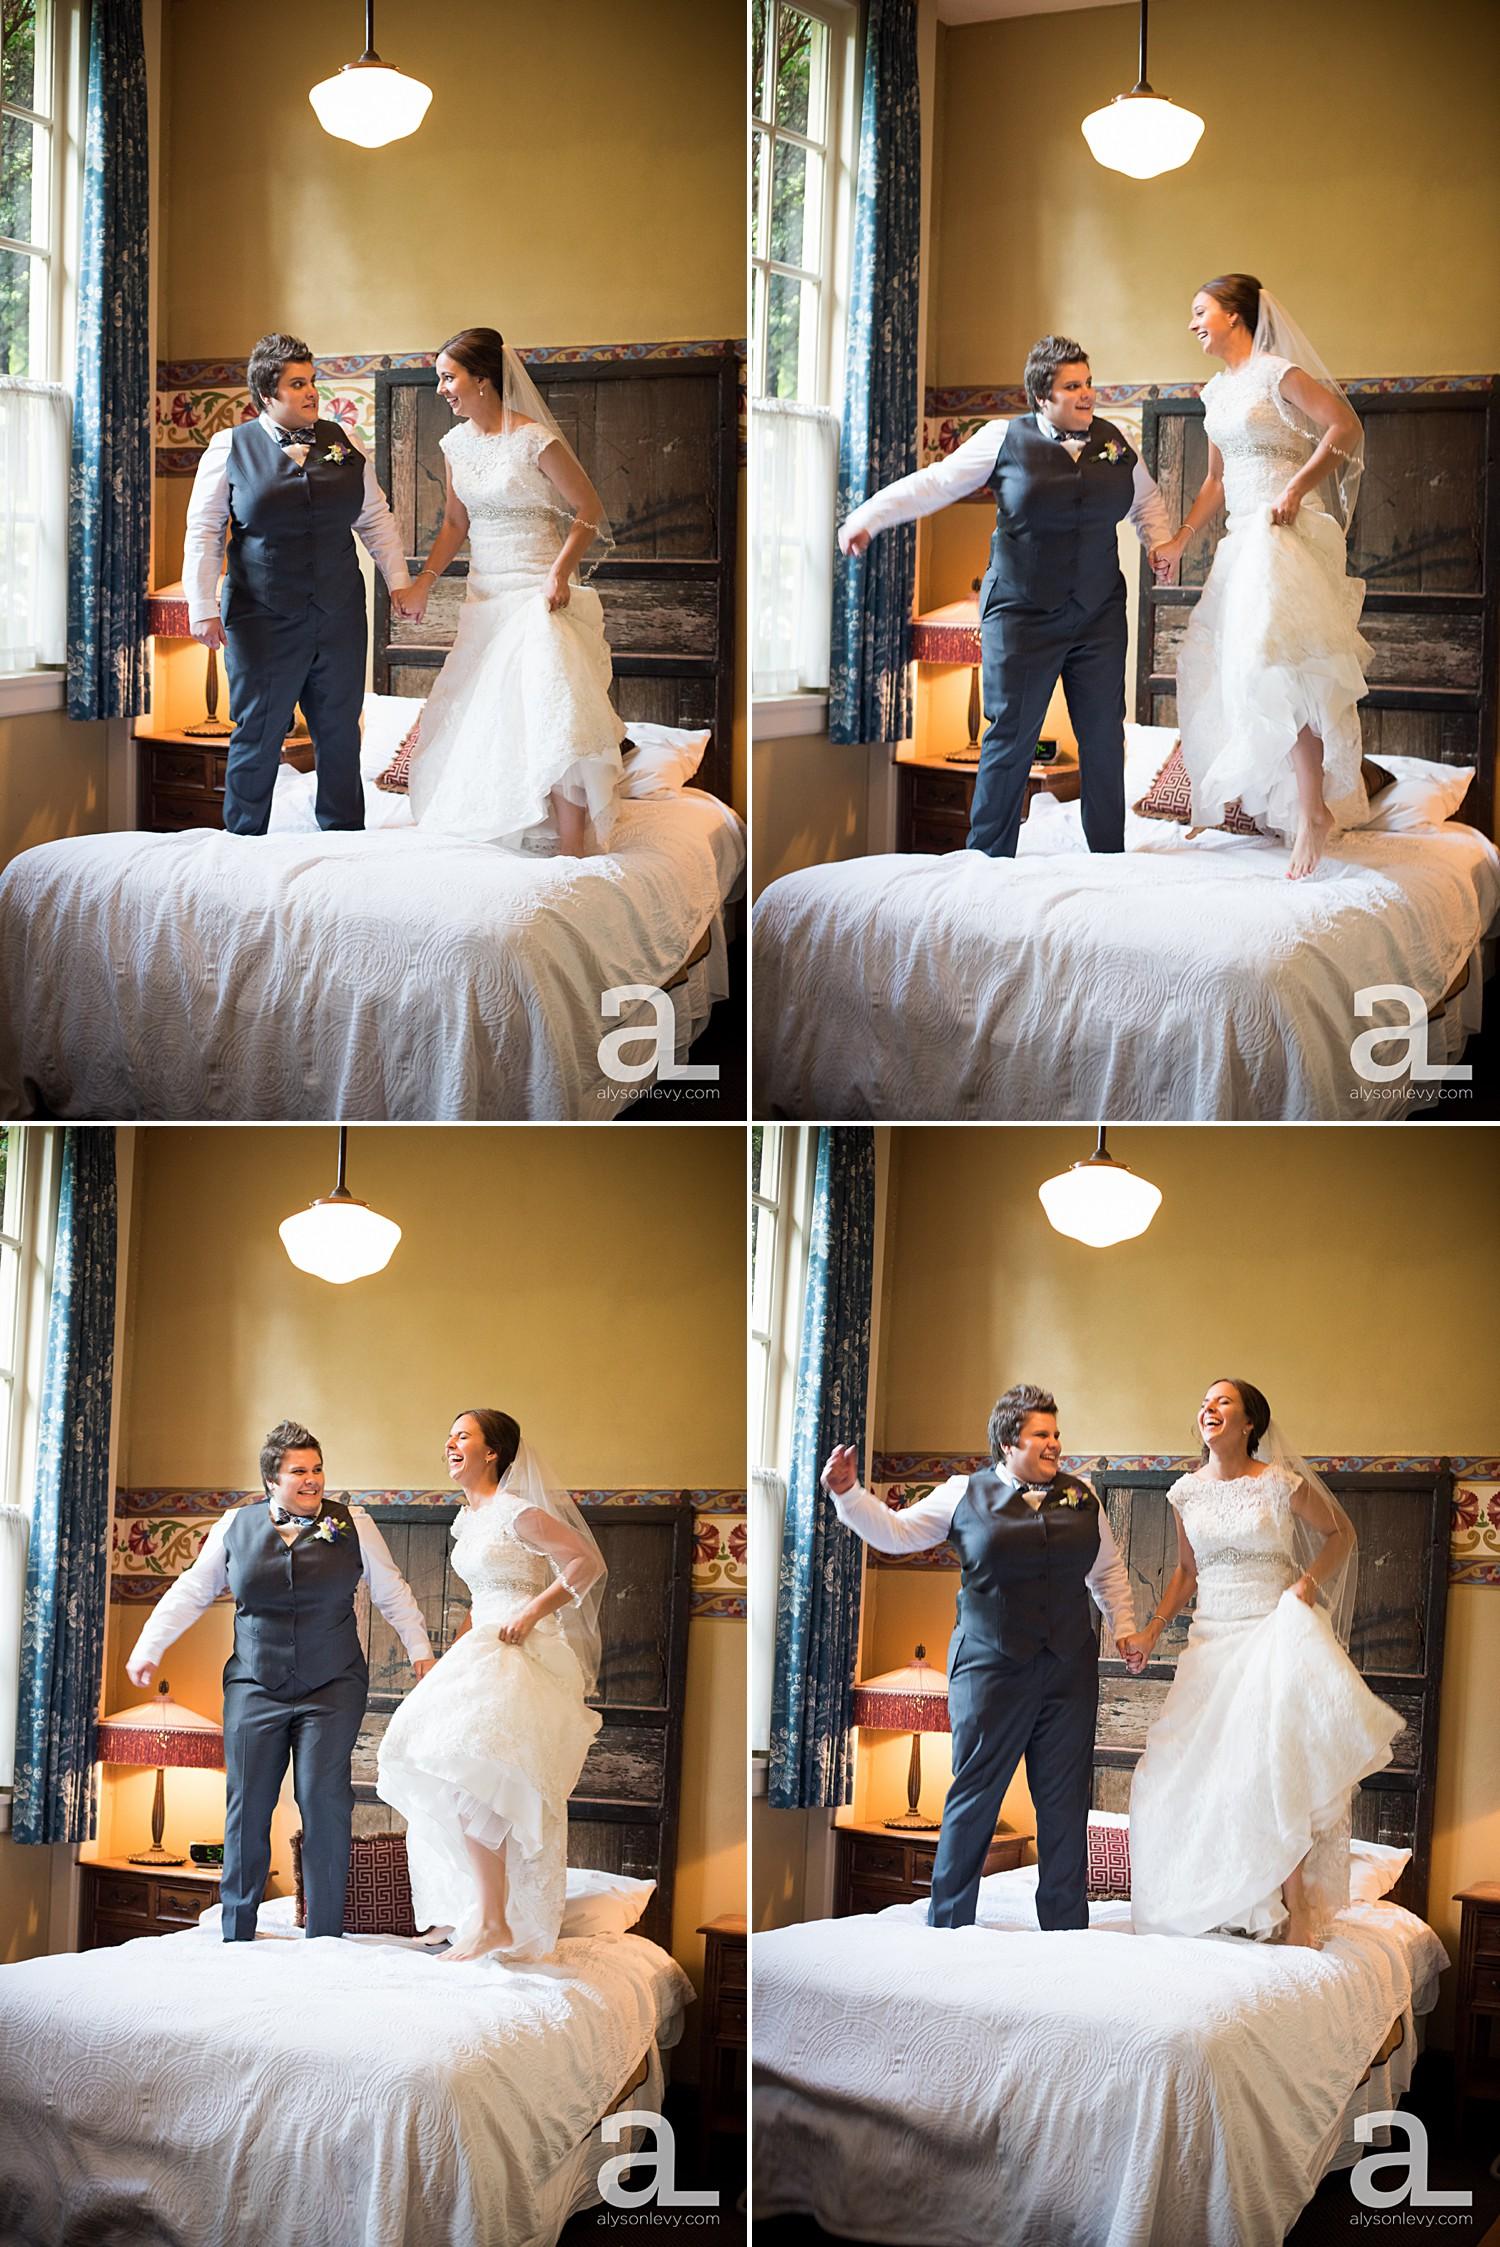 Portland-Kennedy-School-Gay-Wedding-Photography_0017.jpg